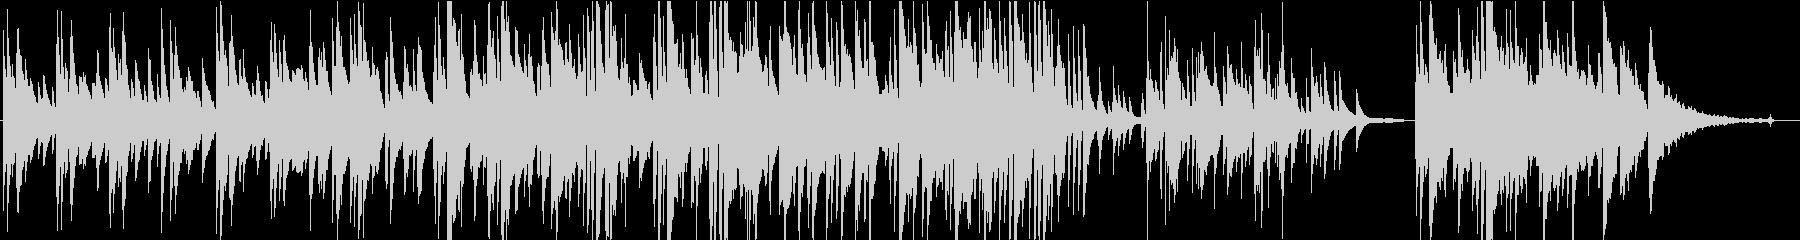 カントリー調バラード【ピアノver.】の未再生の波形